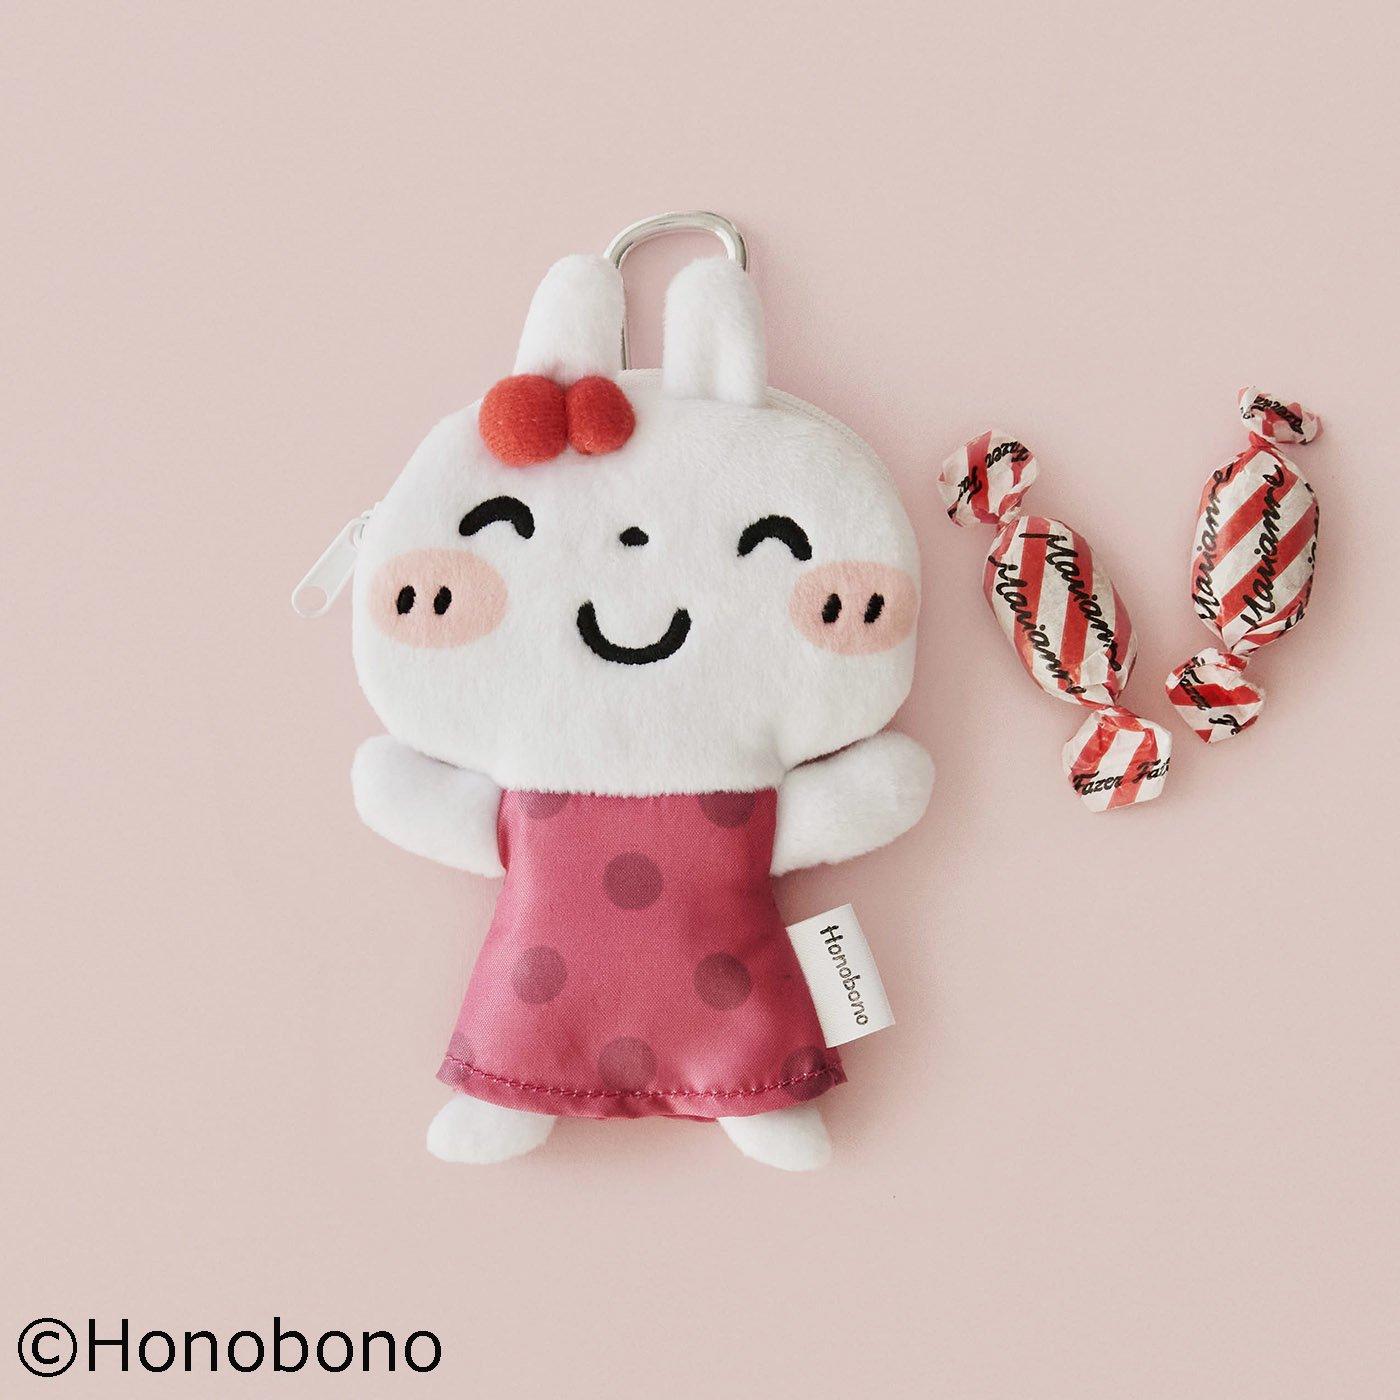 Honobono family いつも一緒にお出かけしてね 白うさぎさんのマスコットポーチ